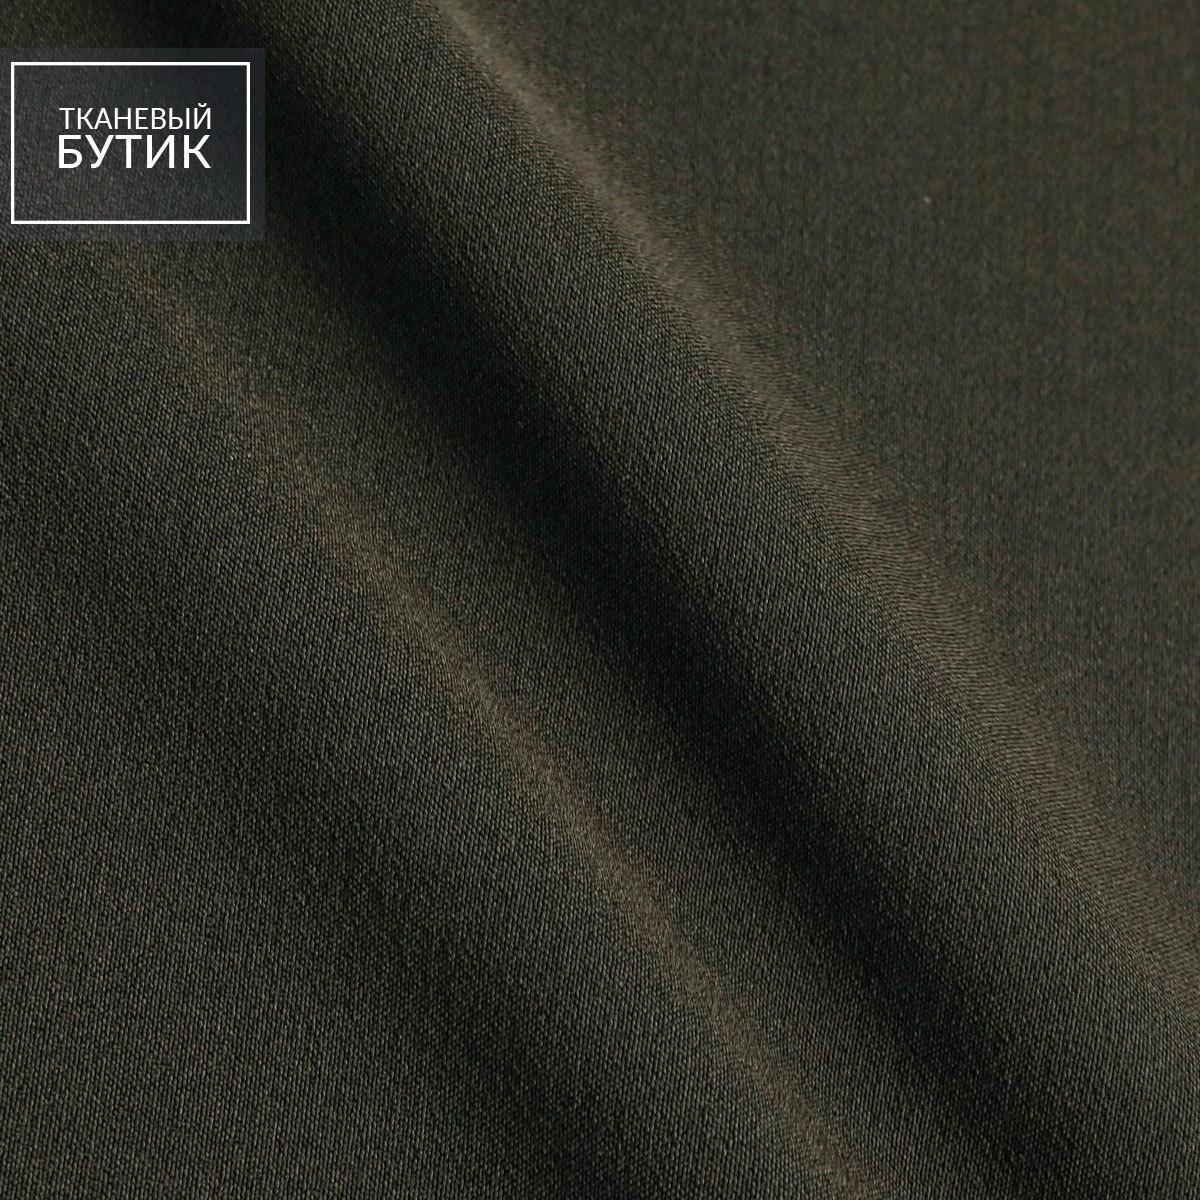 Черный синтетический креп